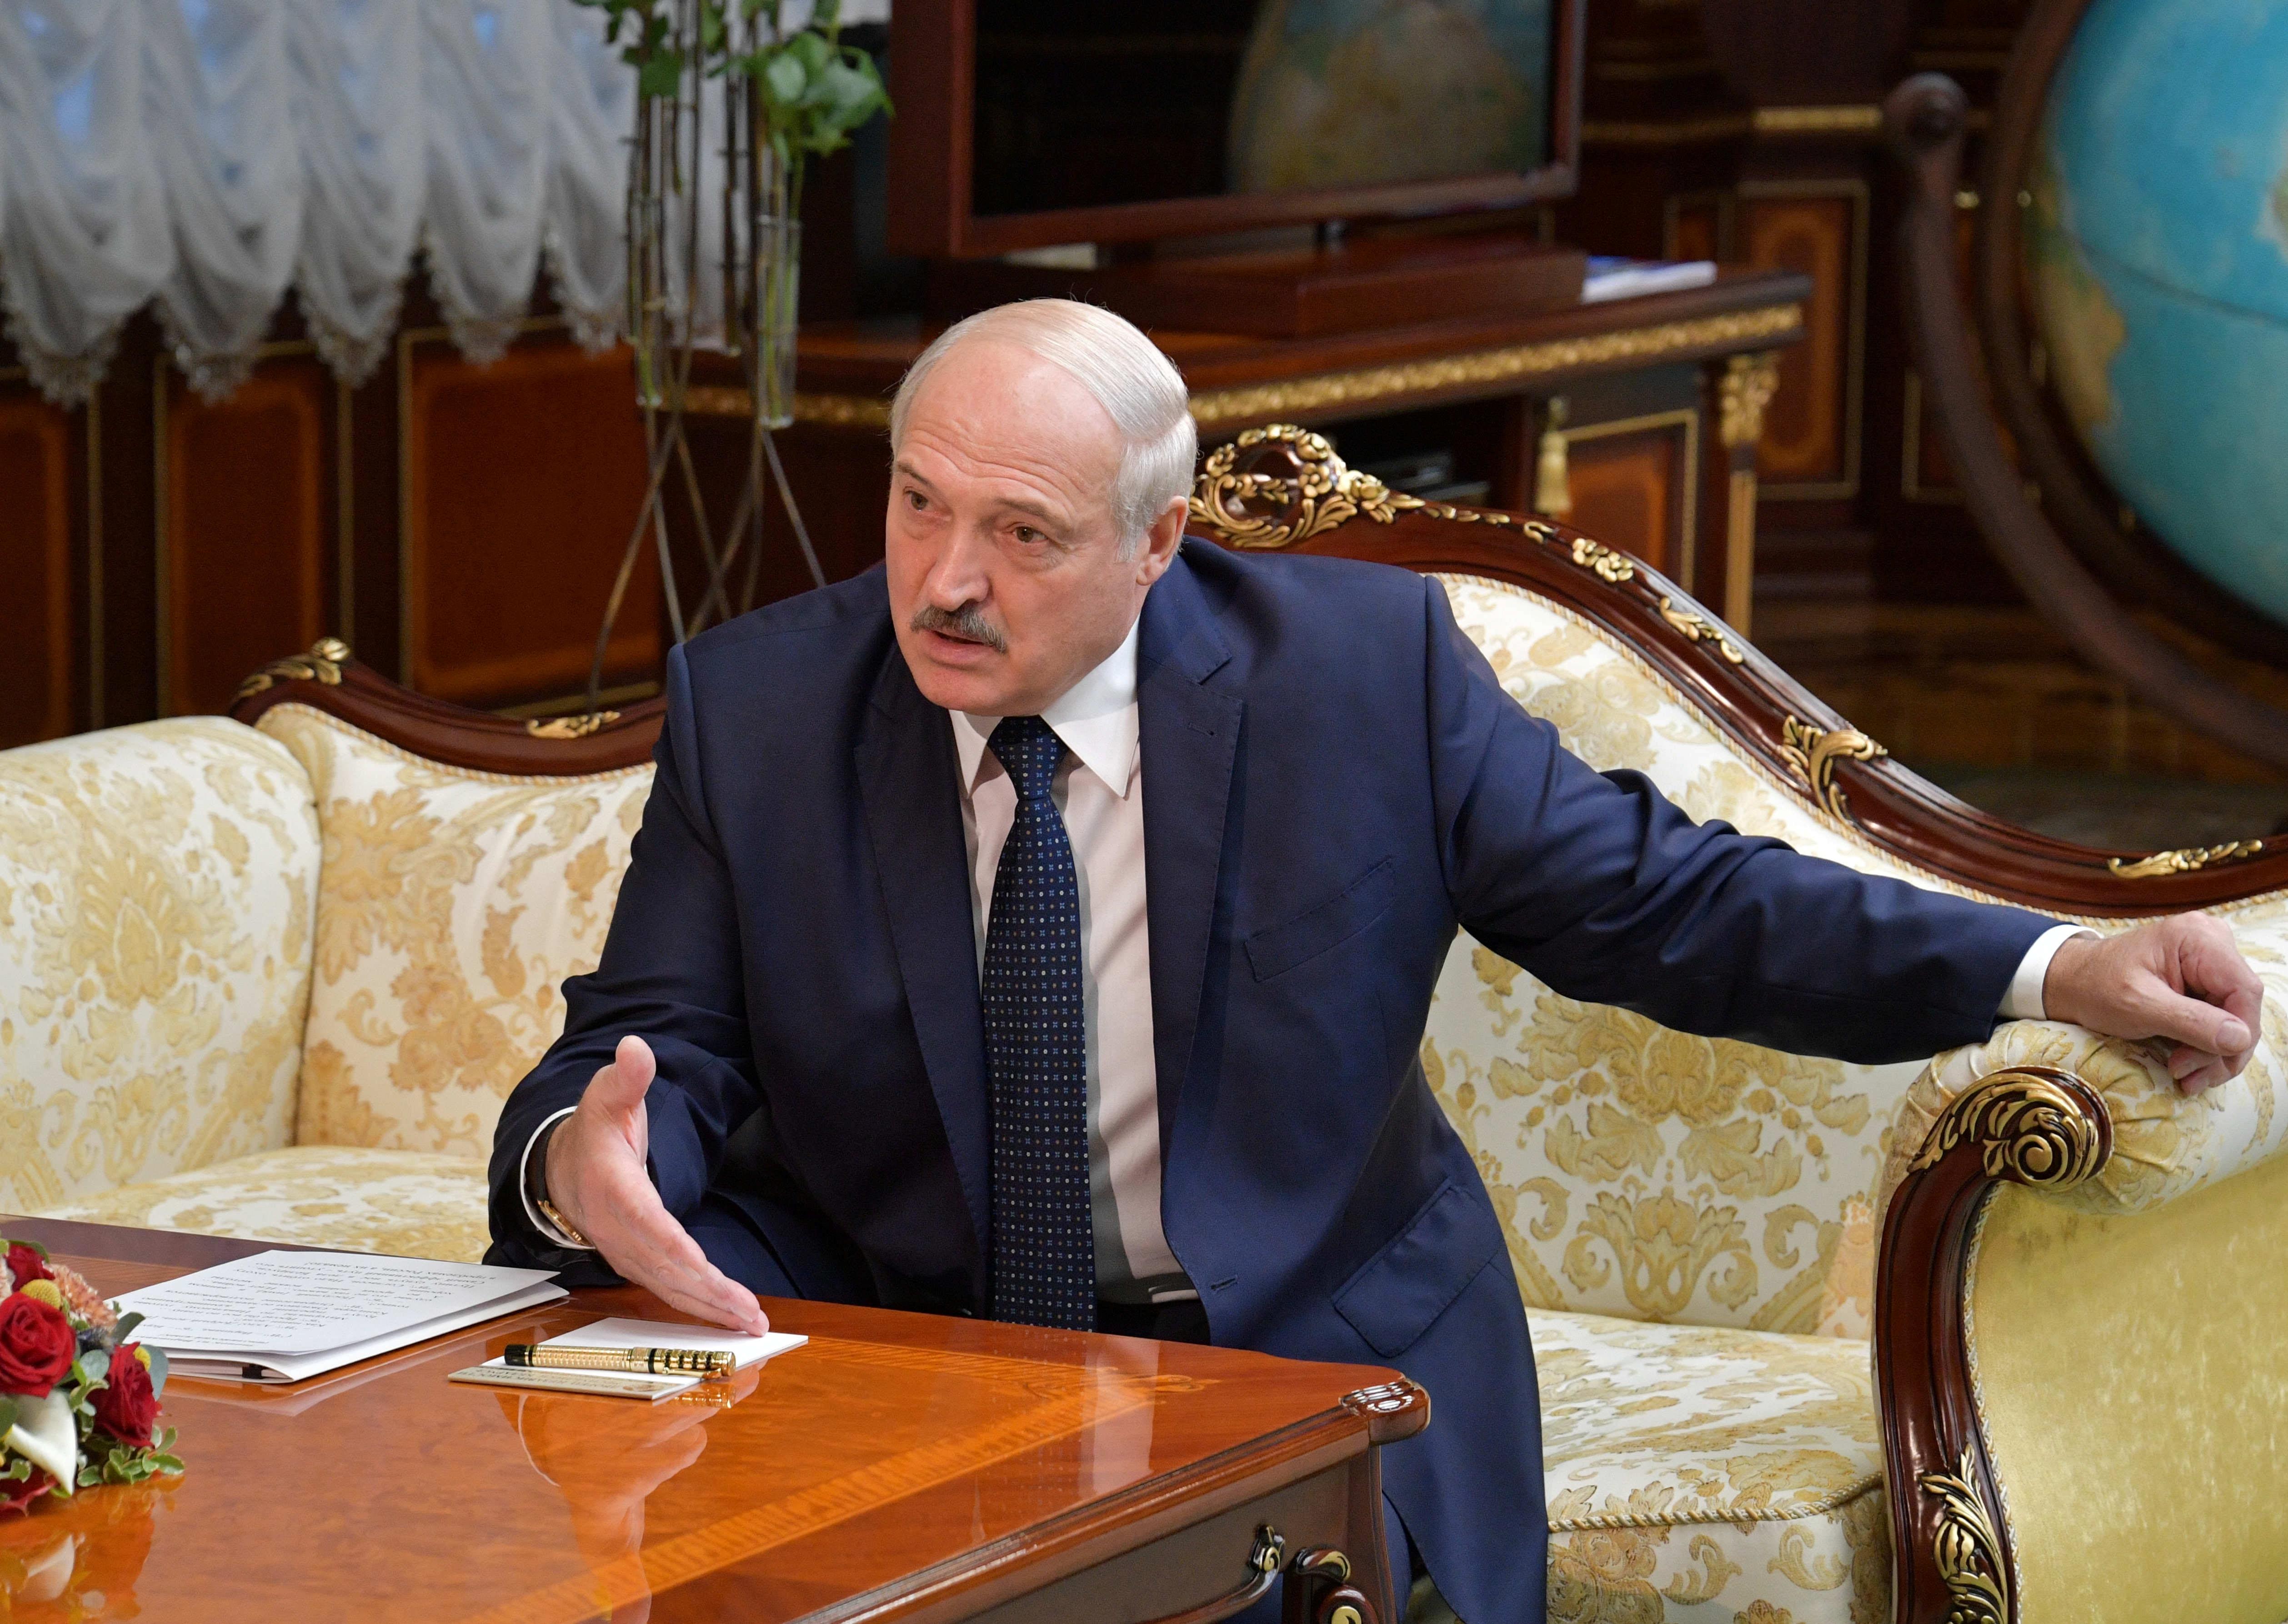 Белоруссия запретила ввозить польские товары